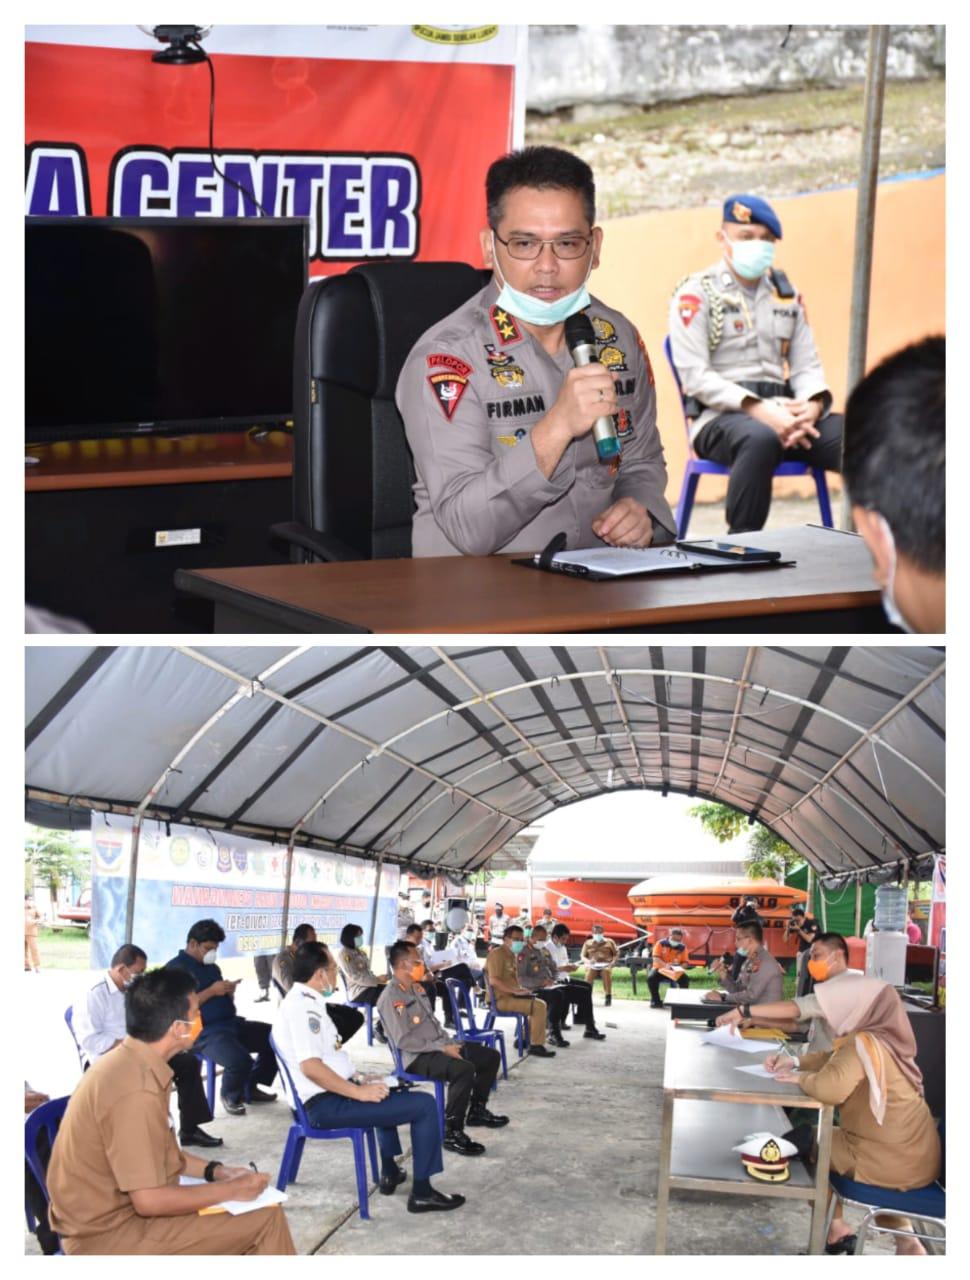 Kapolda Jambi Sambangi Sekaligus Memberikan Briefing Di Posko Gugus Tugas Penanganan Covid-19 Provinsi Jambi